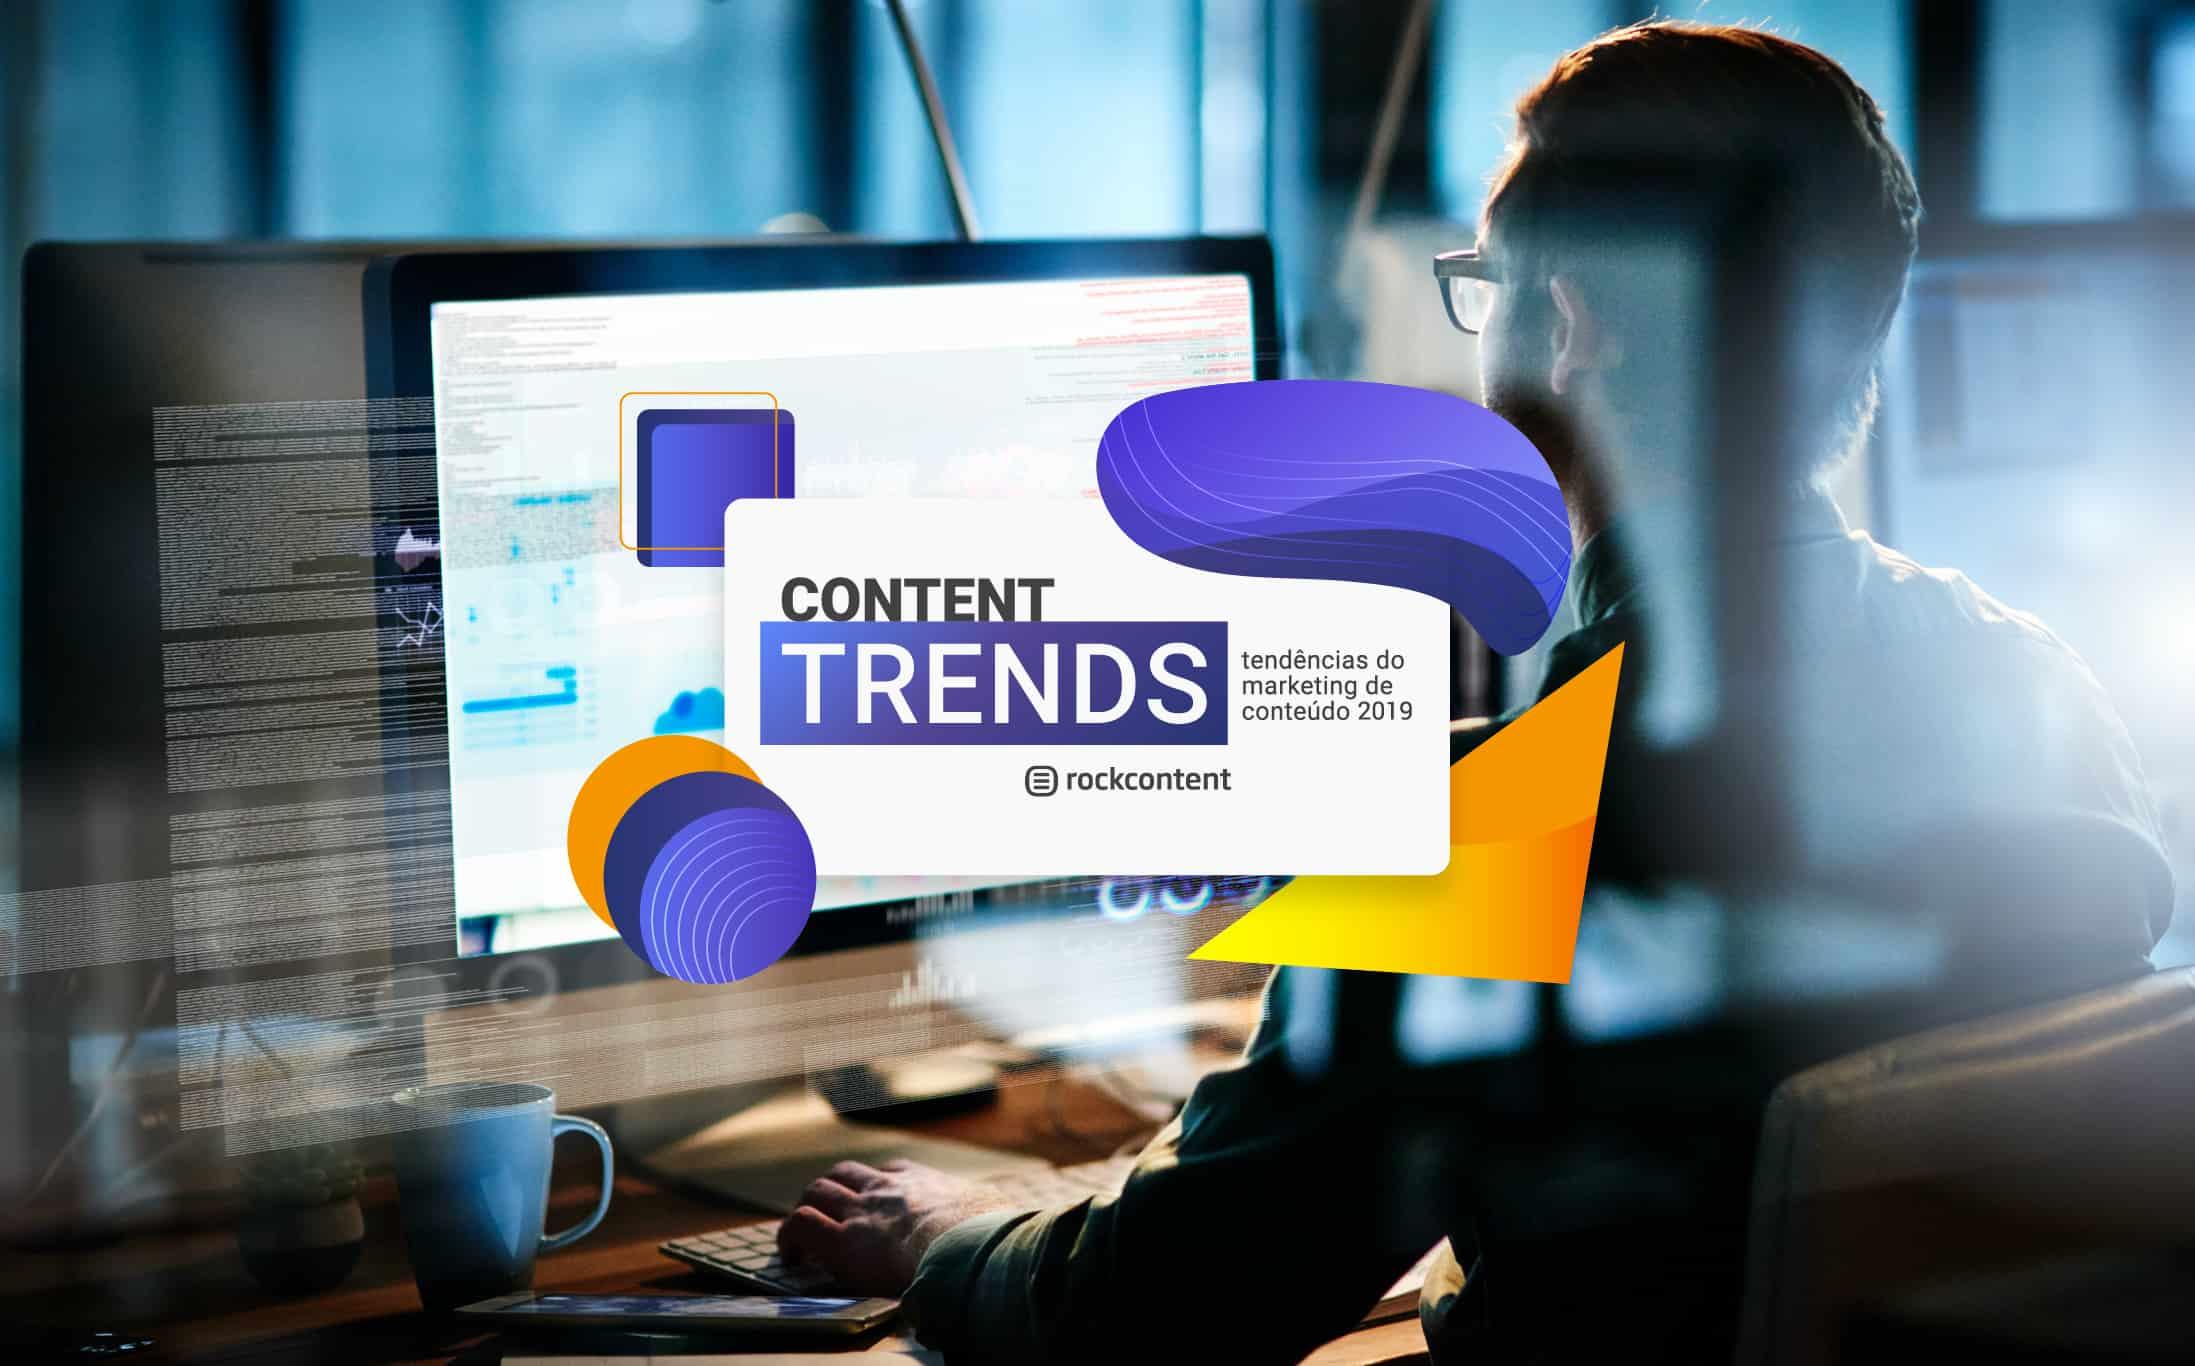 Content Trends 2019: tendências de conteúdo